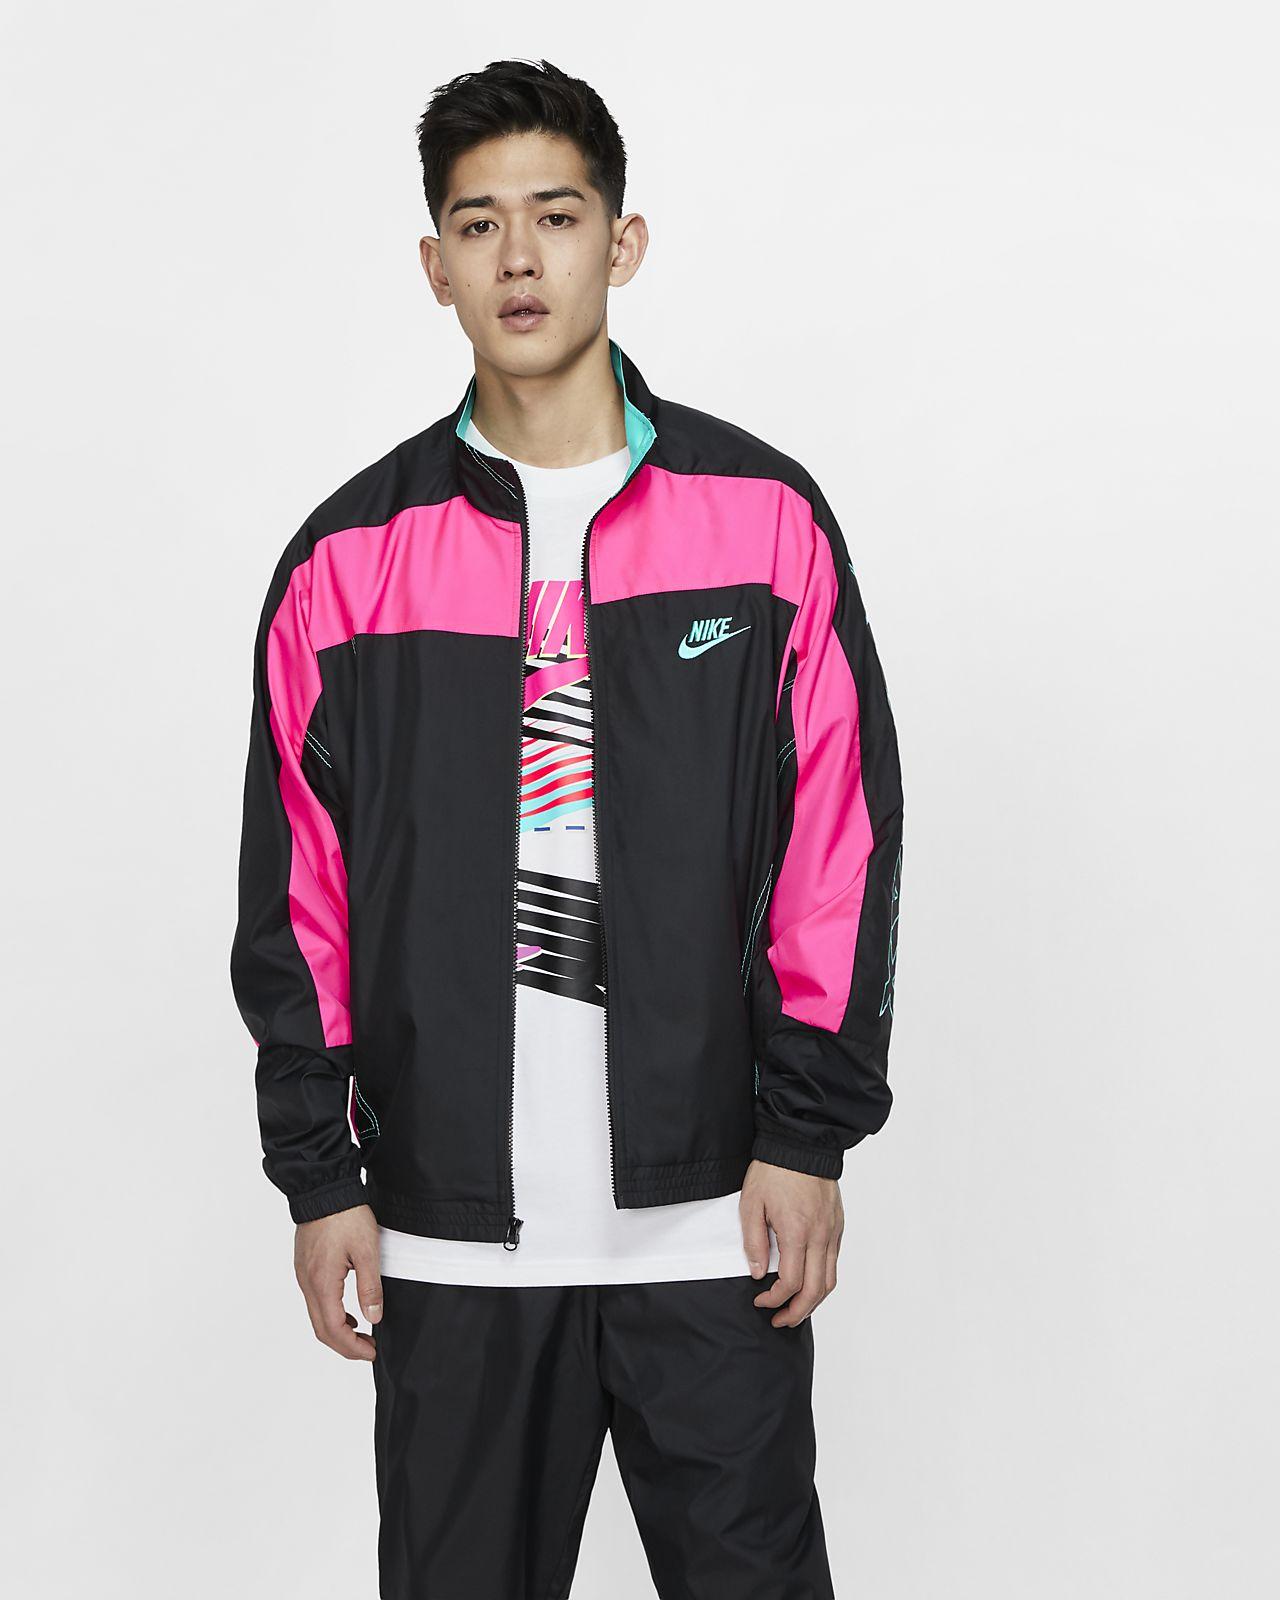 f140d1cb216ae7 Nike x atmos Men's Track Jacket. Nike.com GB